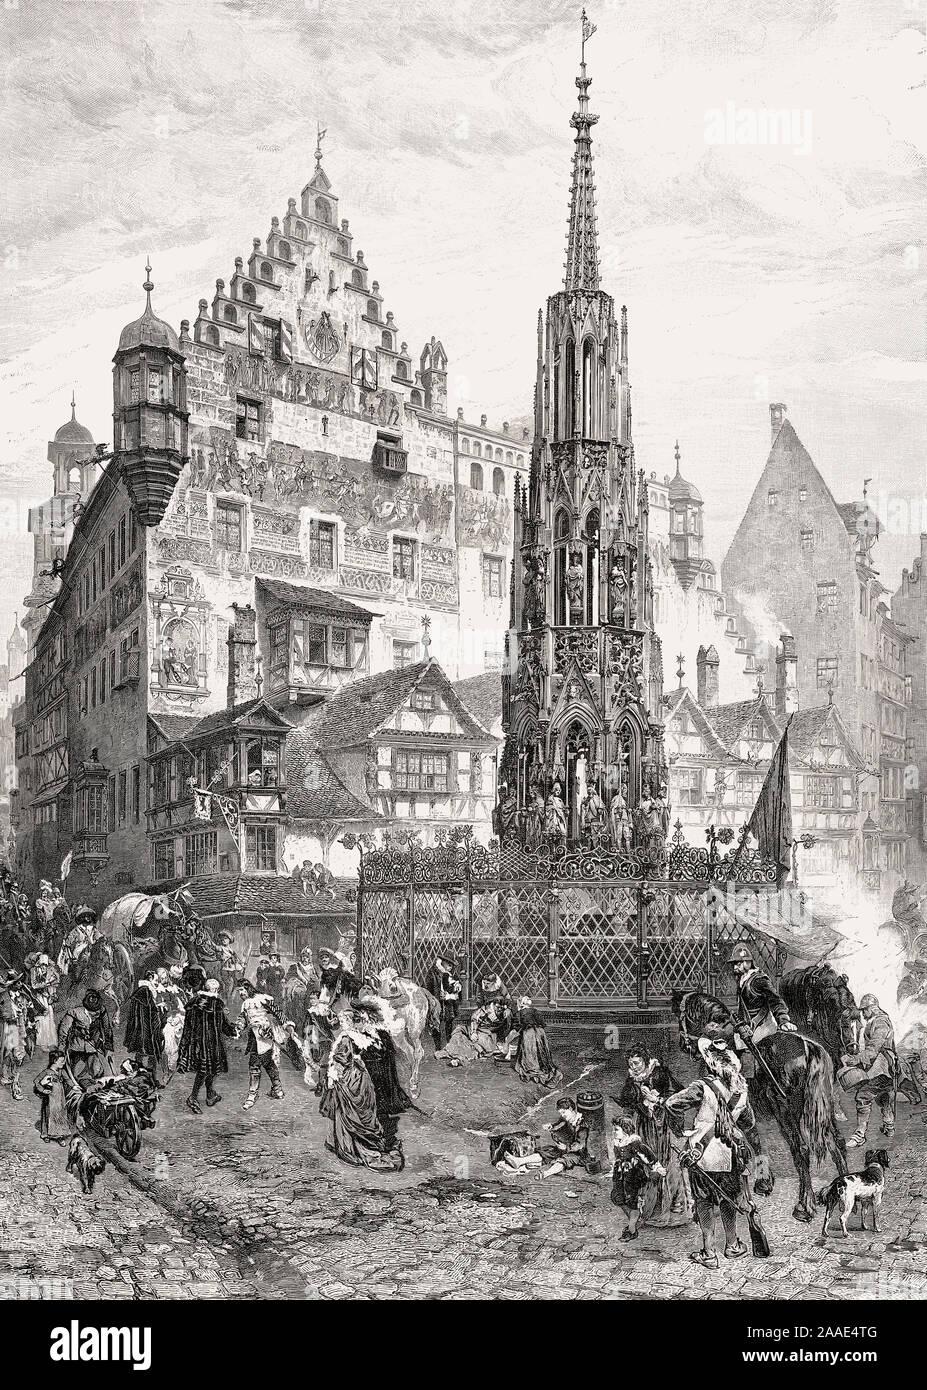 Schöner Brunnen, a 14th-century fountain, Nuremberg, Germany, Europe, 16th century Stock Photo